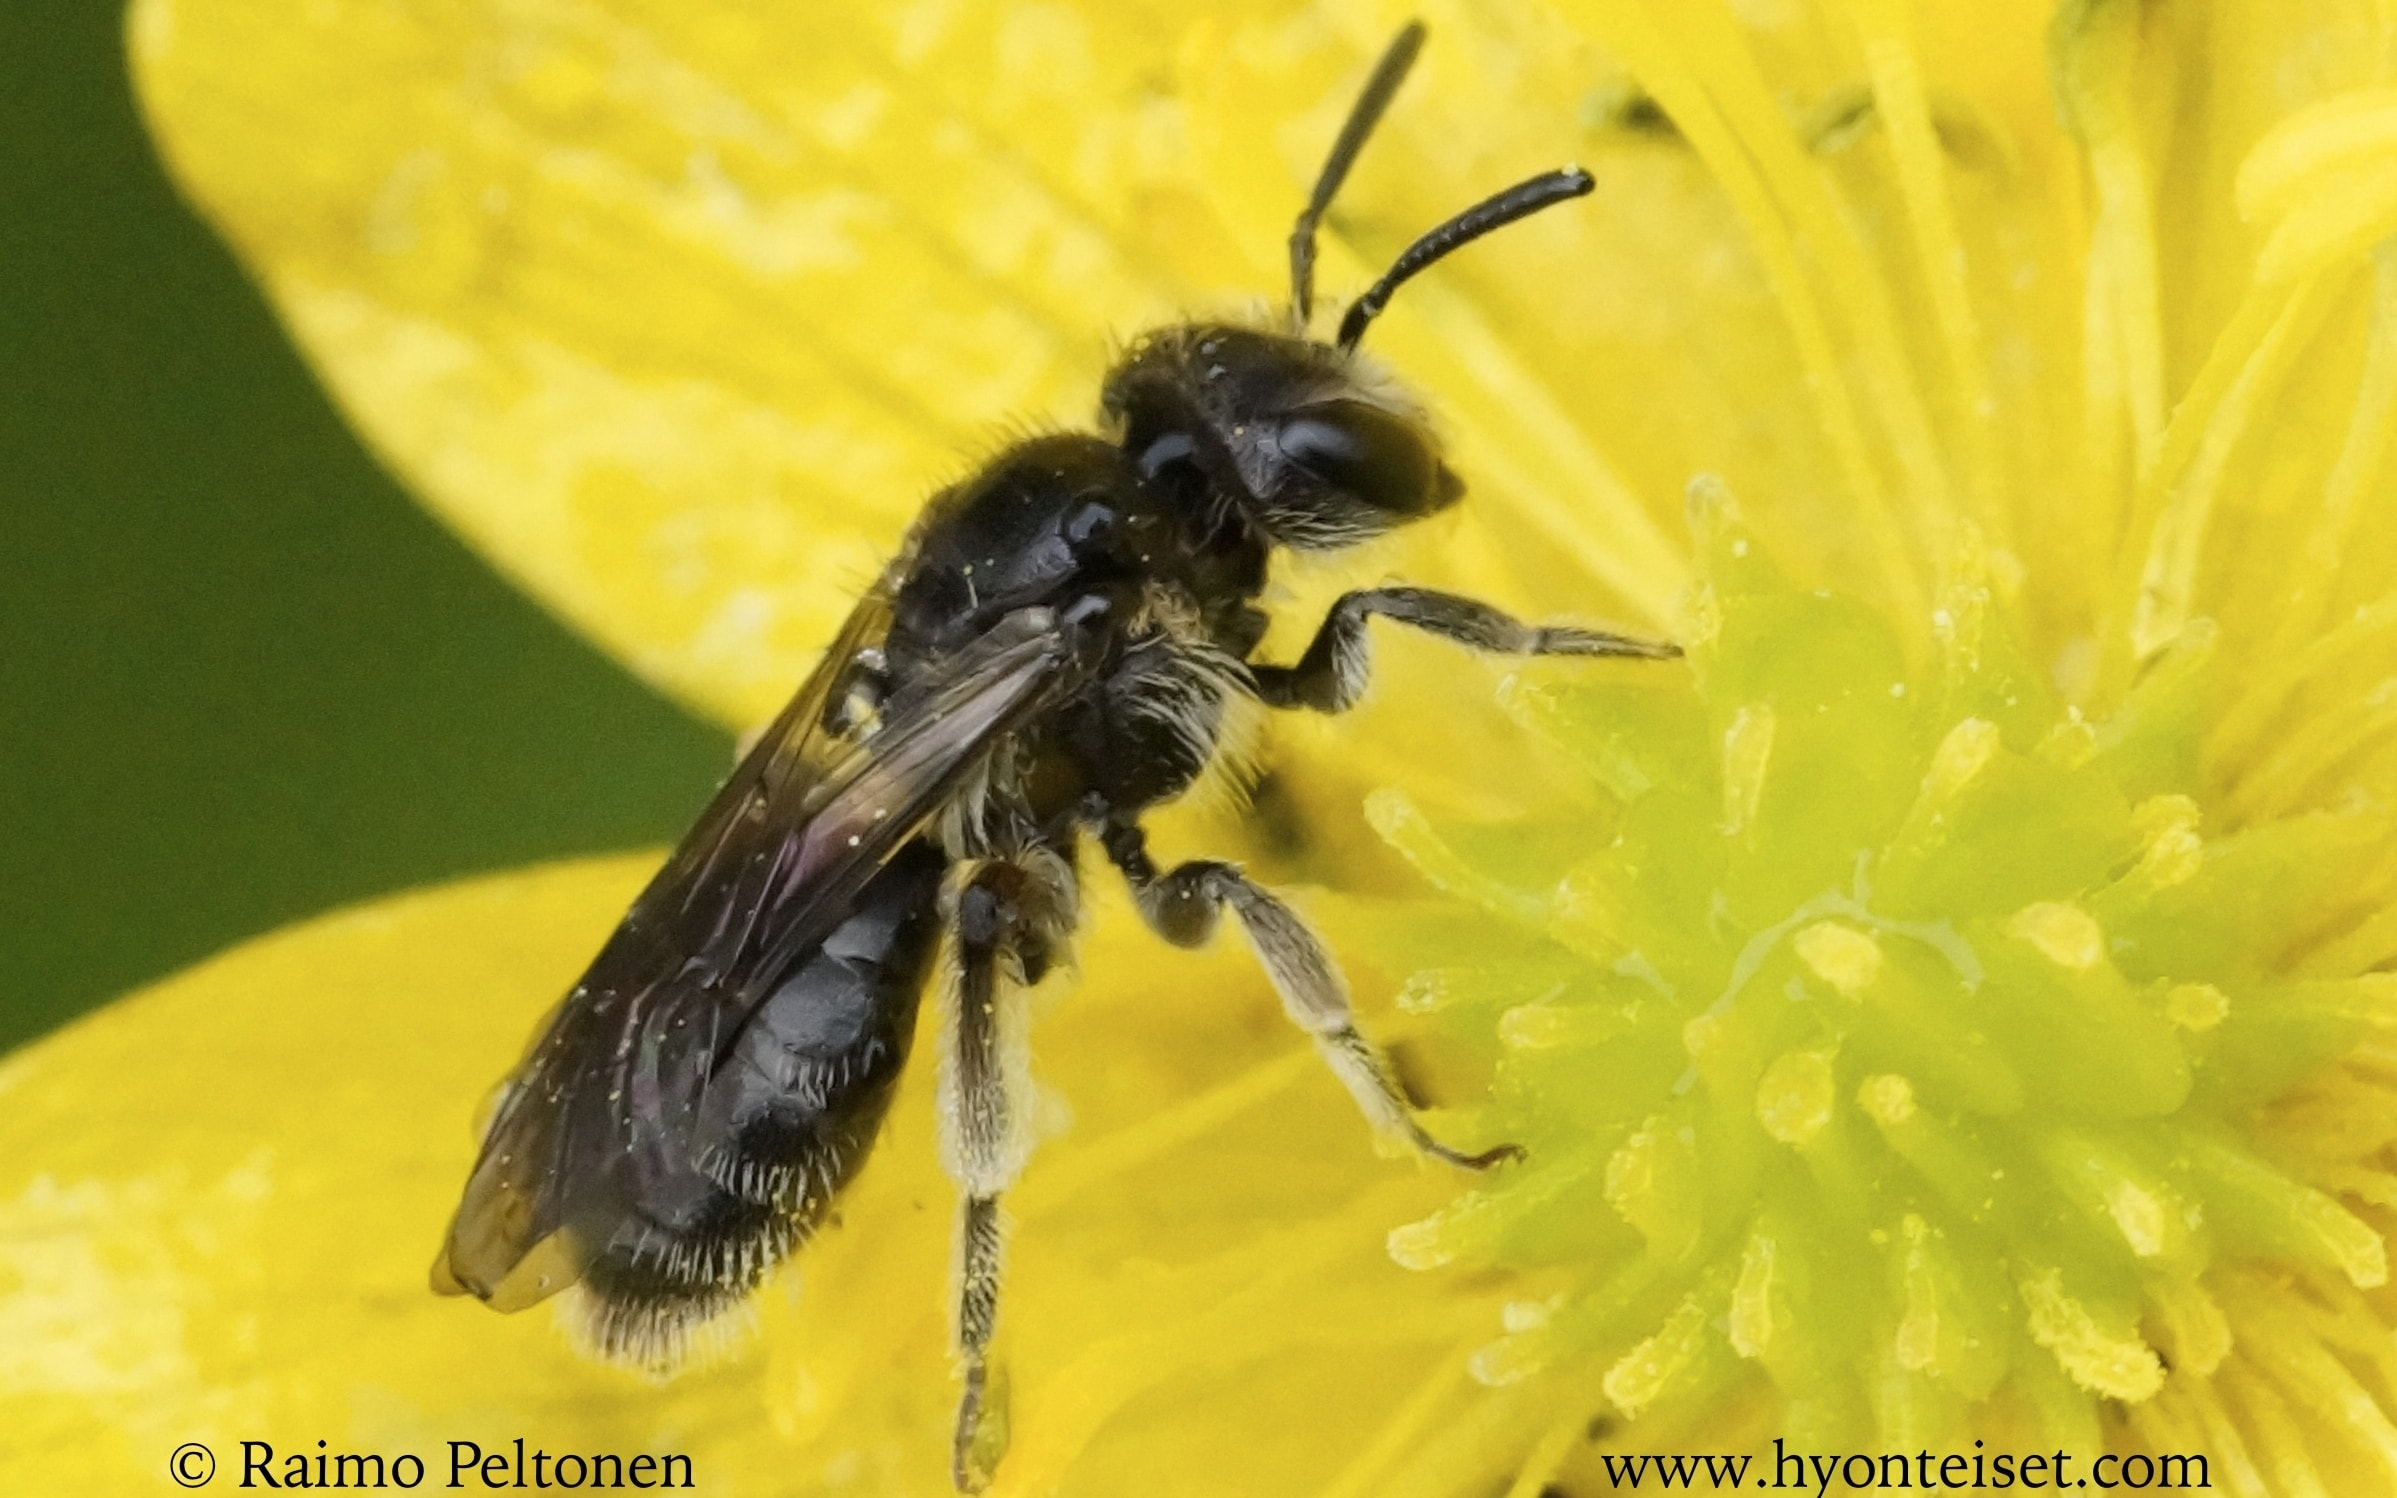 Andrena minituloides-juhannusmaamehiläinen (det. Juho Paukkunen)